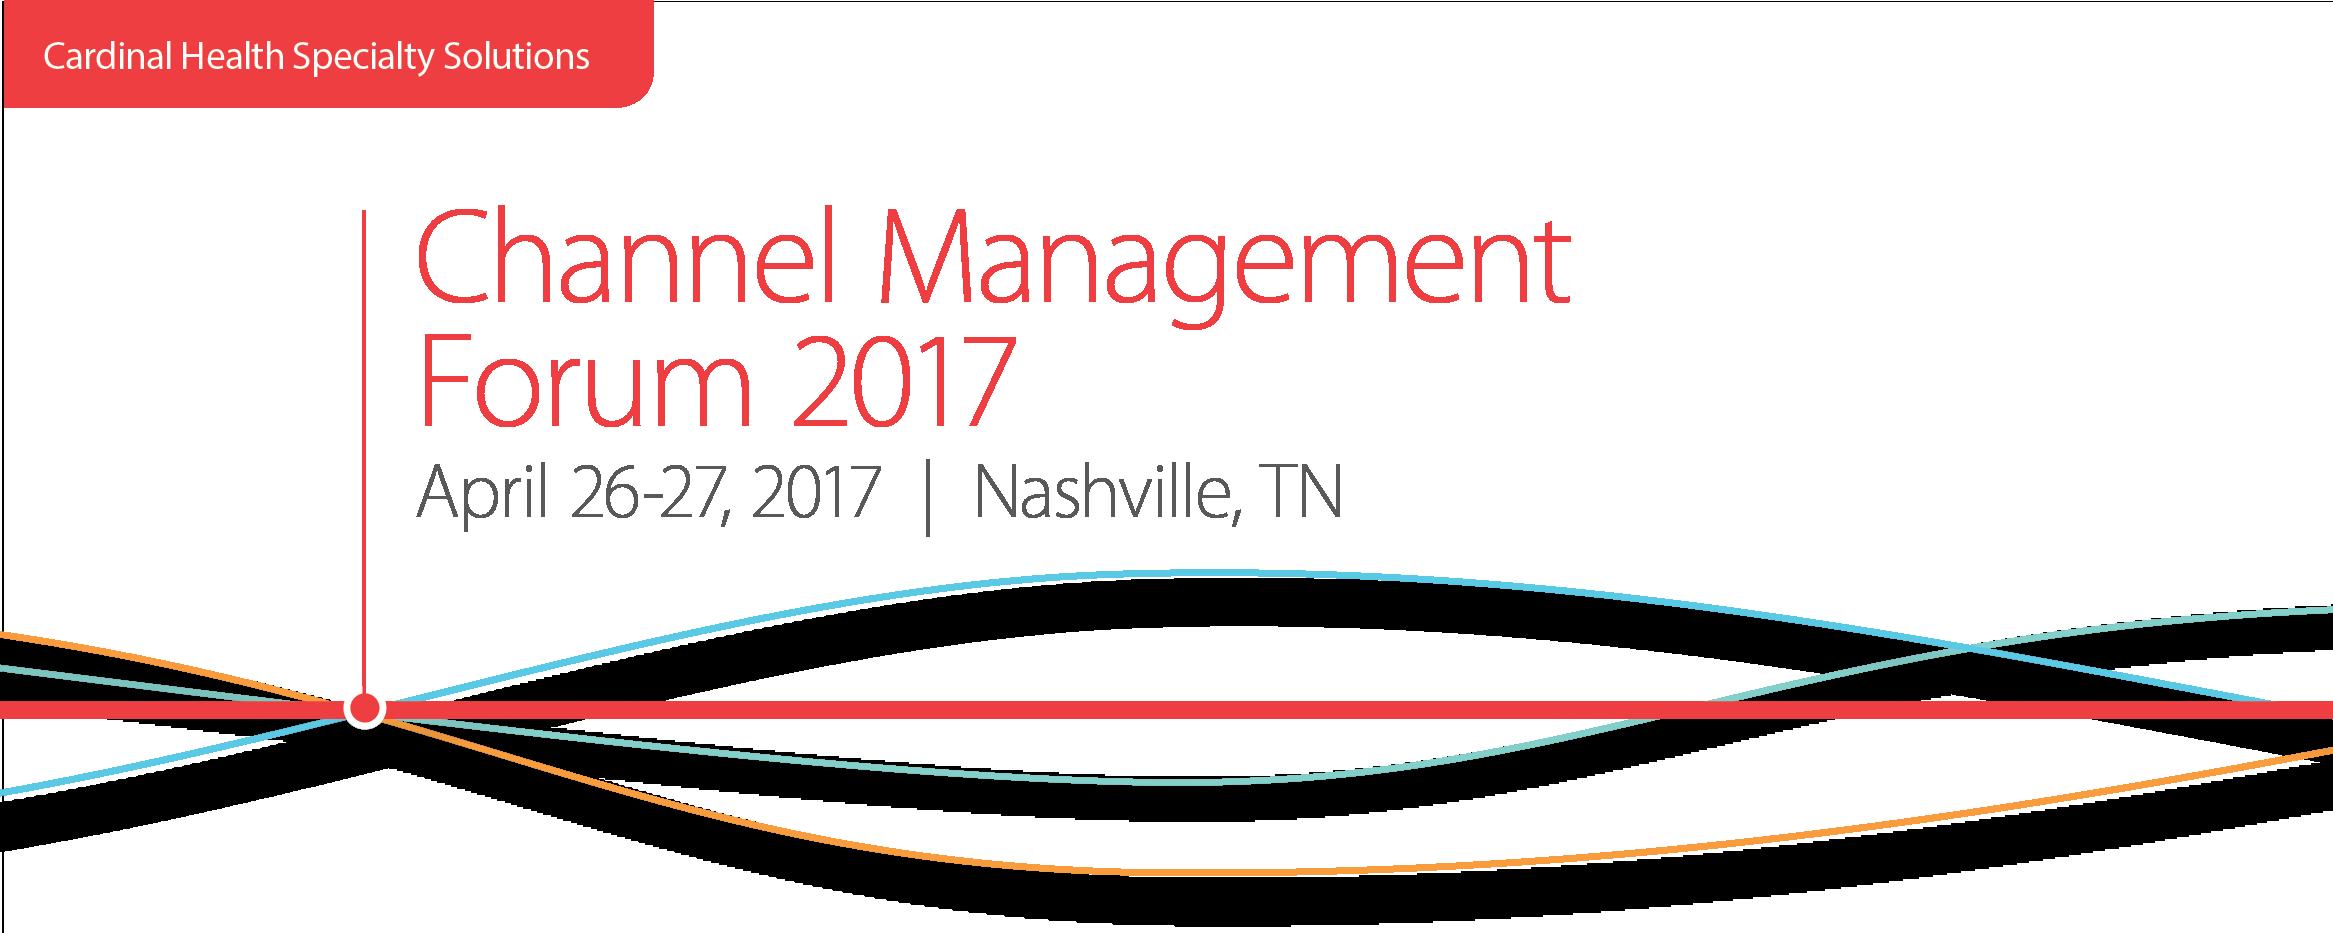 Channel Management Forum 2017